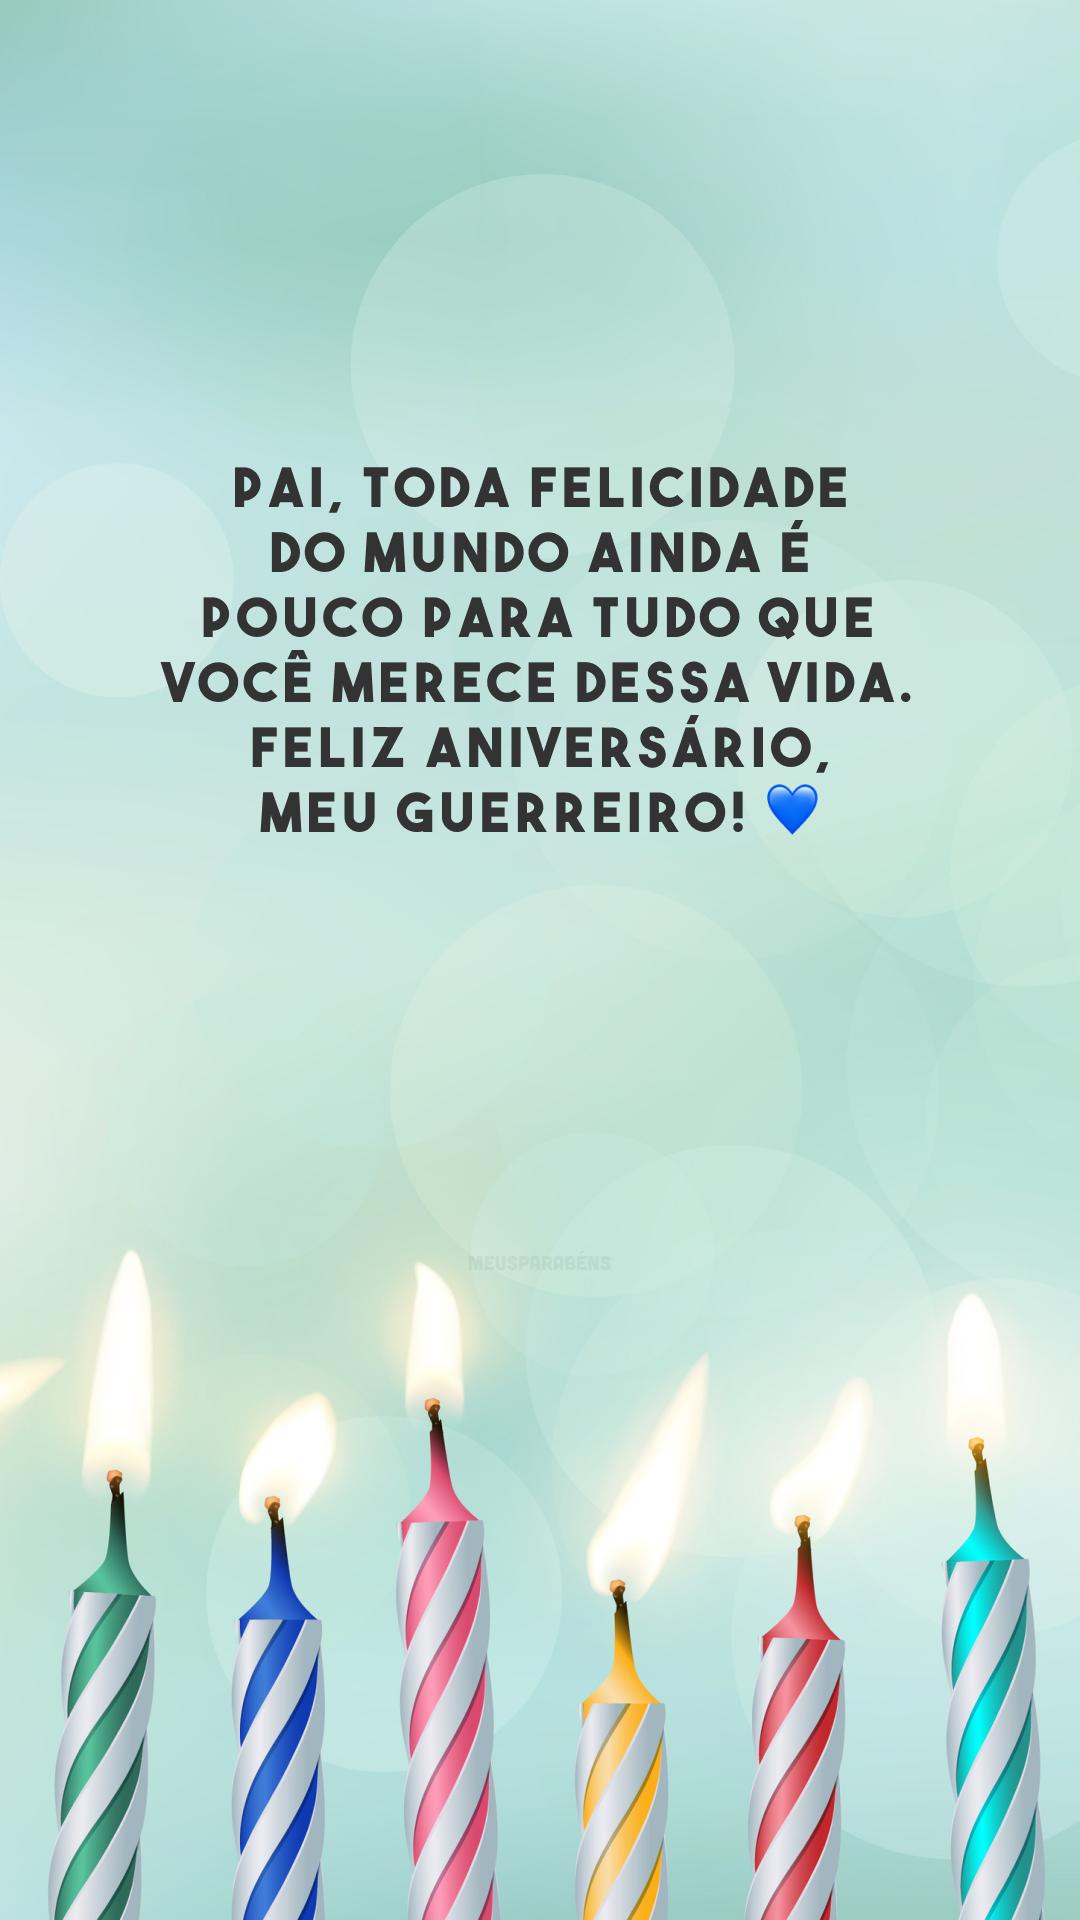 Pai, toda felicidade do mundo ainda é pouco para tudo que você merece dessa vida. Feliz aniversário, meu guerreiro! 💙